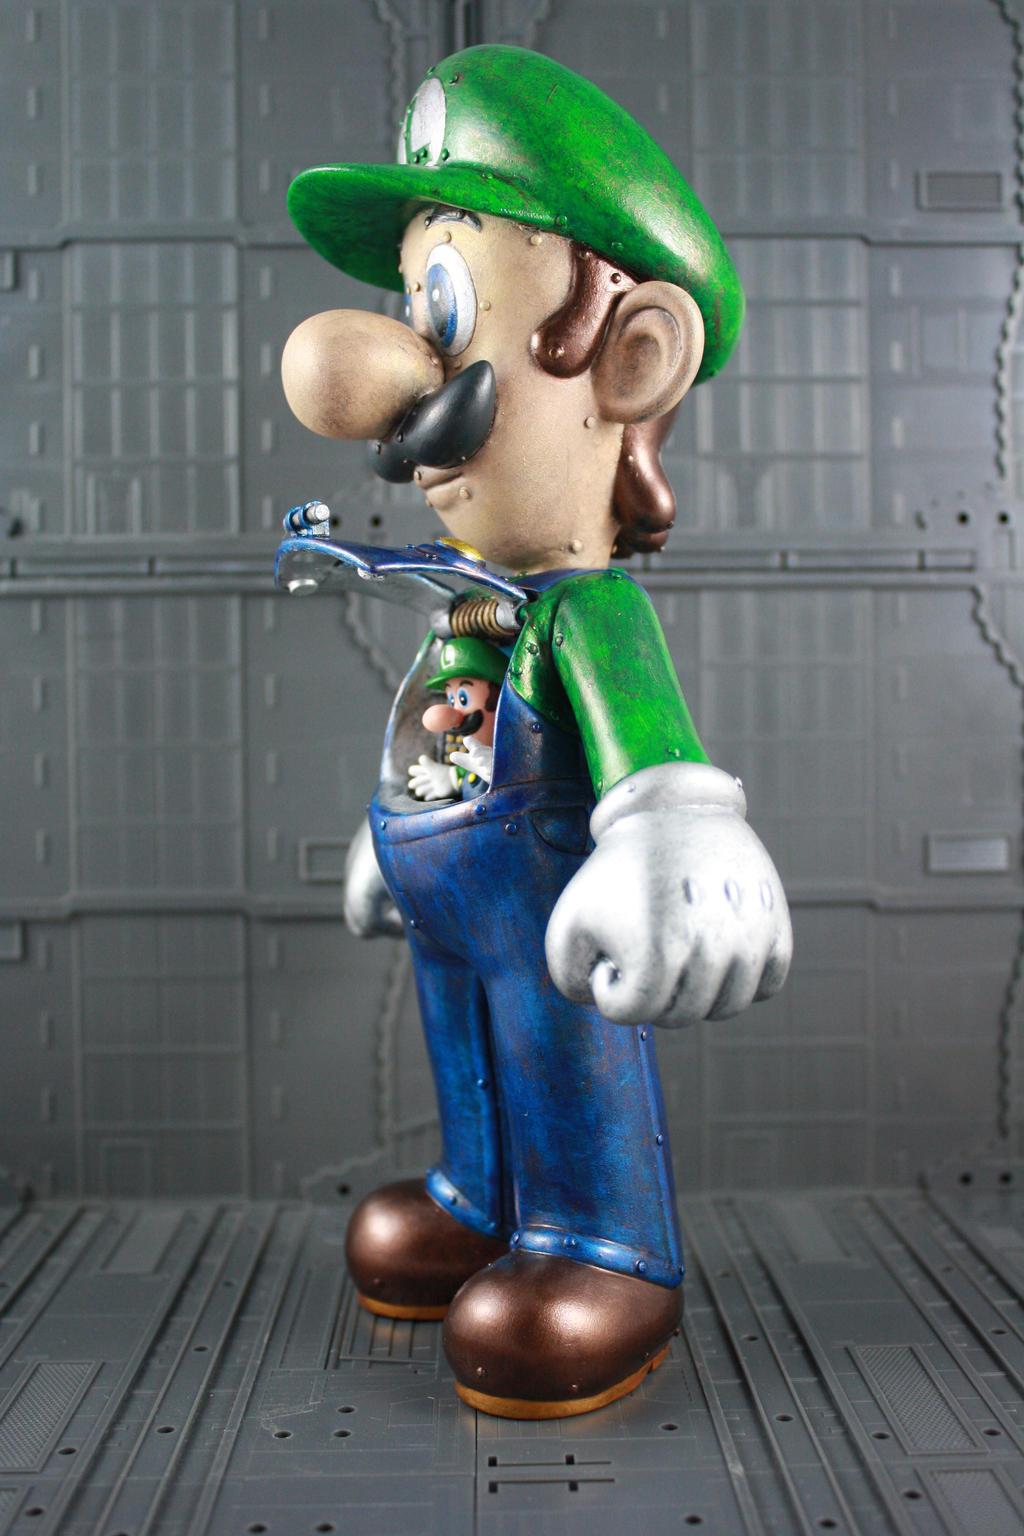 Luigi Mech Figure by kodykoala